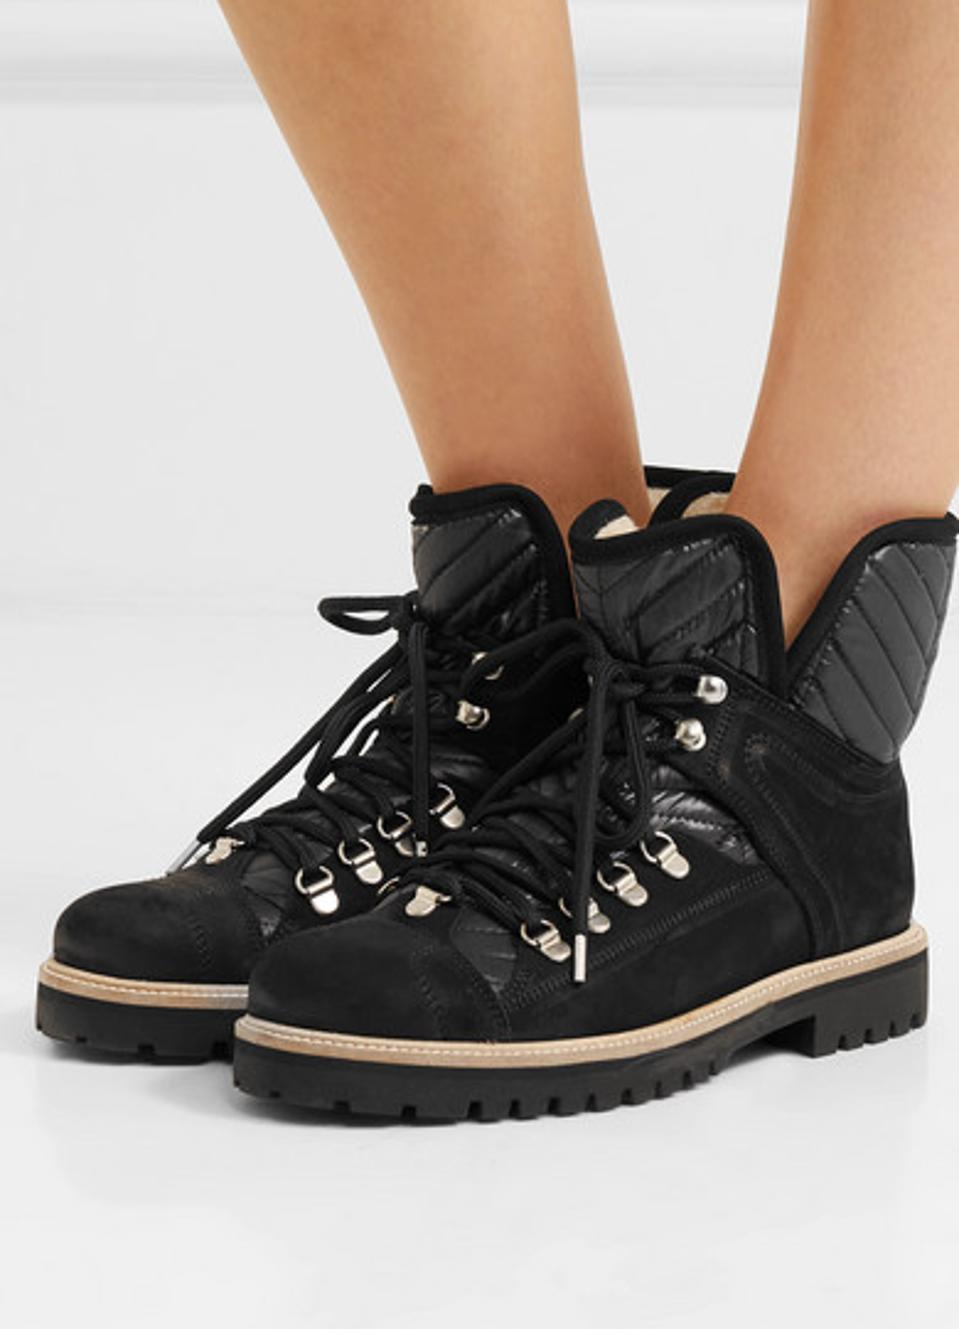 Ganni_Best Womens Winter Boots